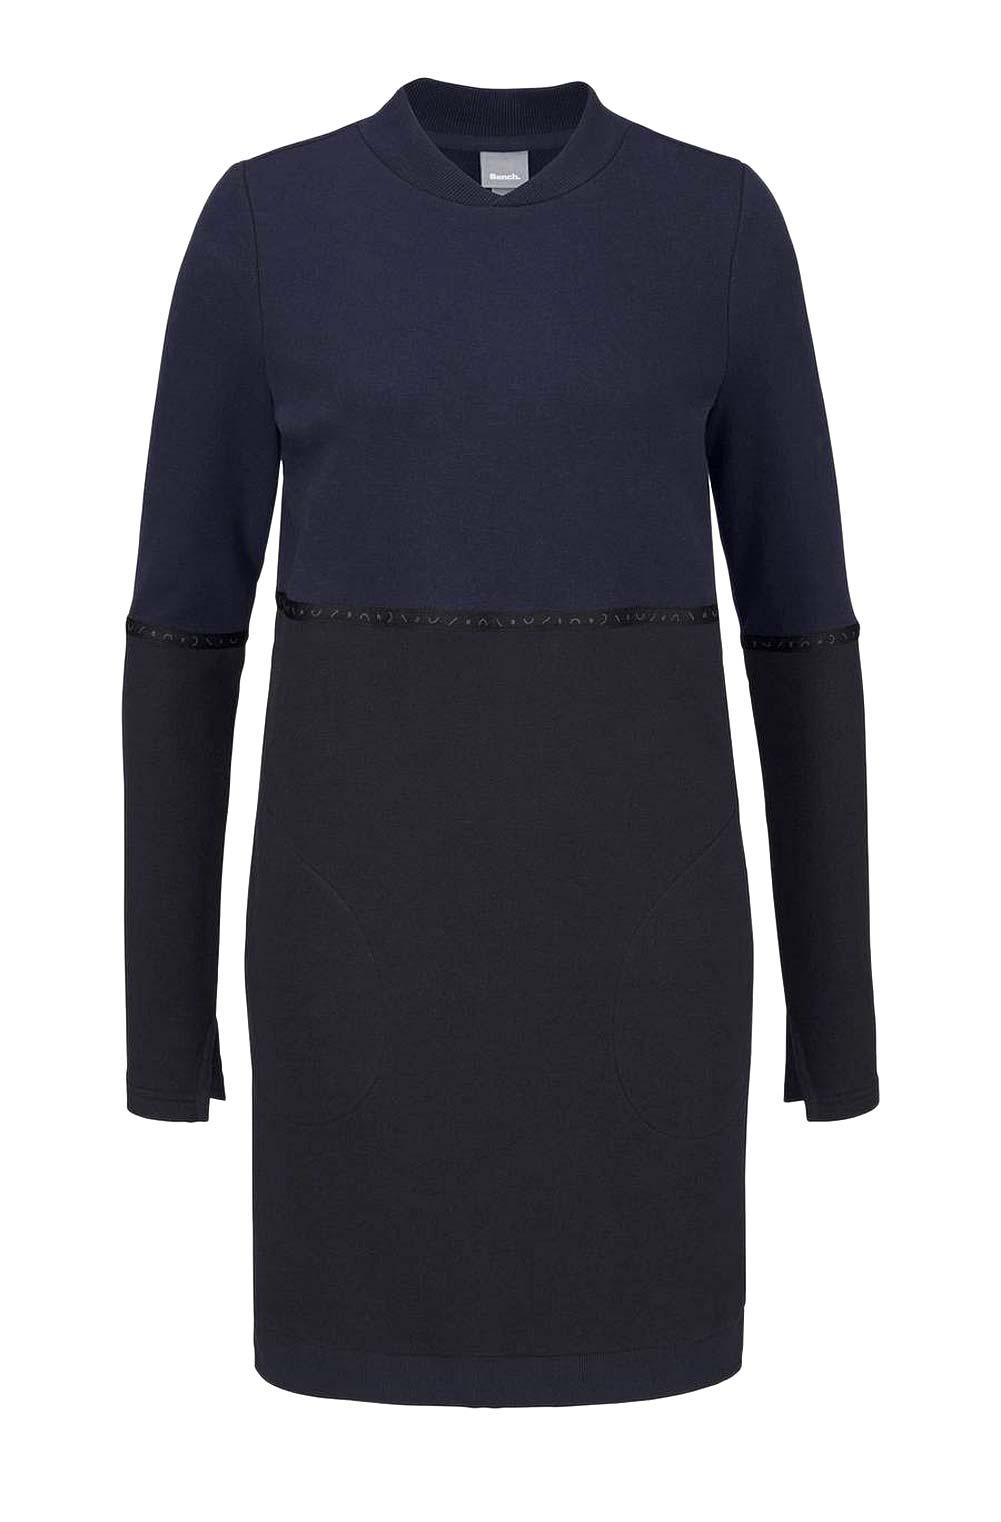 sweatshirts auf rechnung BENCH Damen-Sweatkleid Sweatshirt Kleid m. Taschen Navy-Schwarz 486.531 MISSFORTY